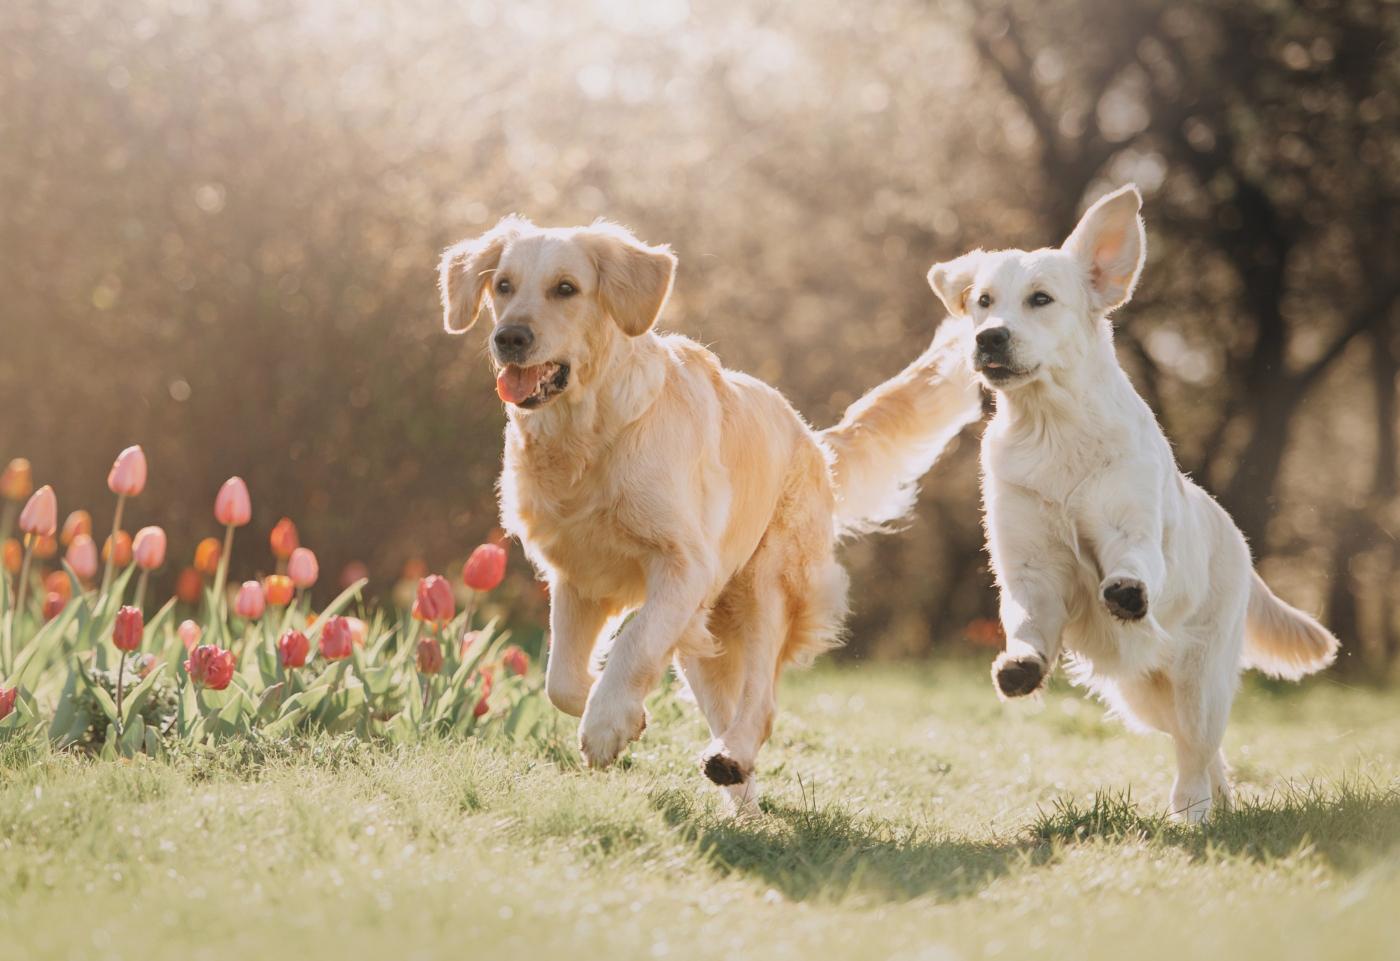 O que fazer perante comportamento agressivo entre cães